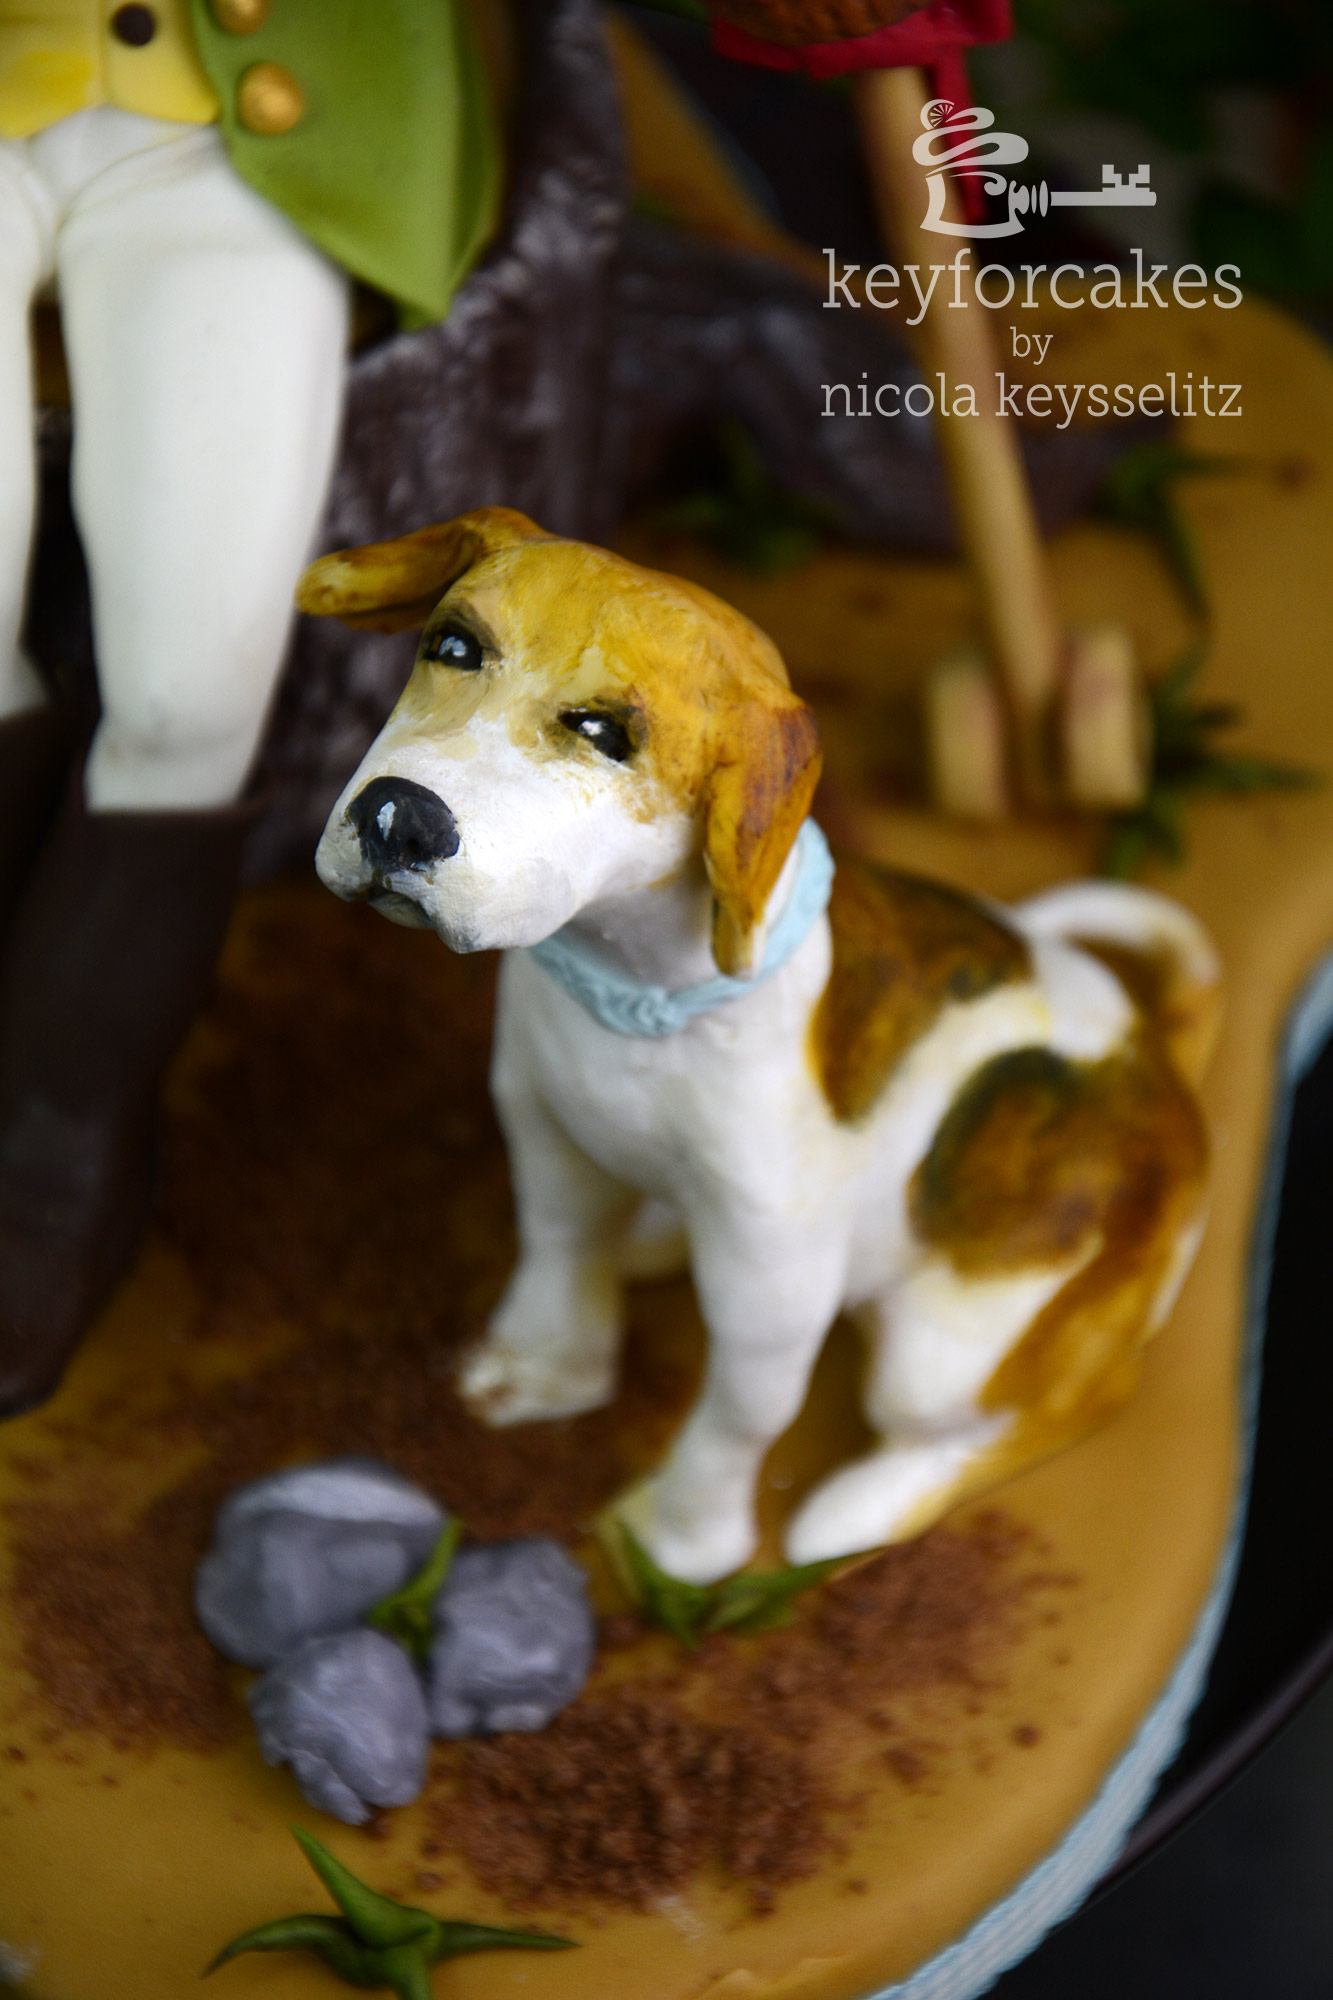 Auftragsarbeit zum 10 jährigen Jubiläum einer Reitherrin, Zuckerfigur mit Hunden